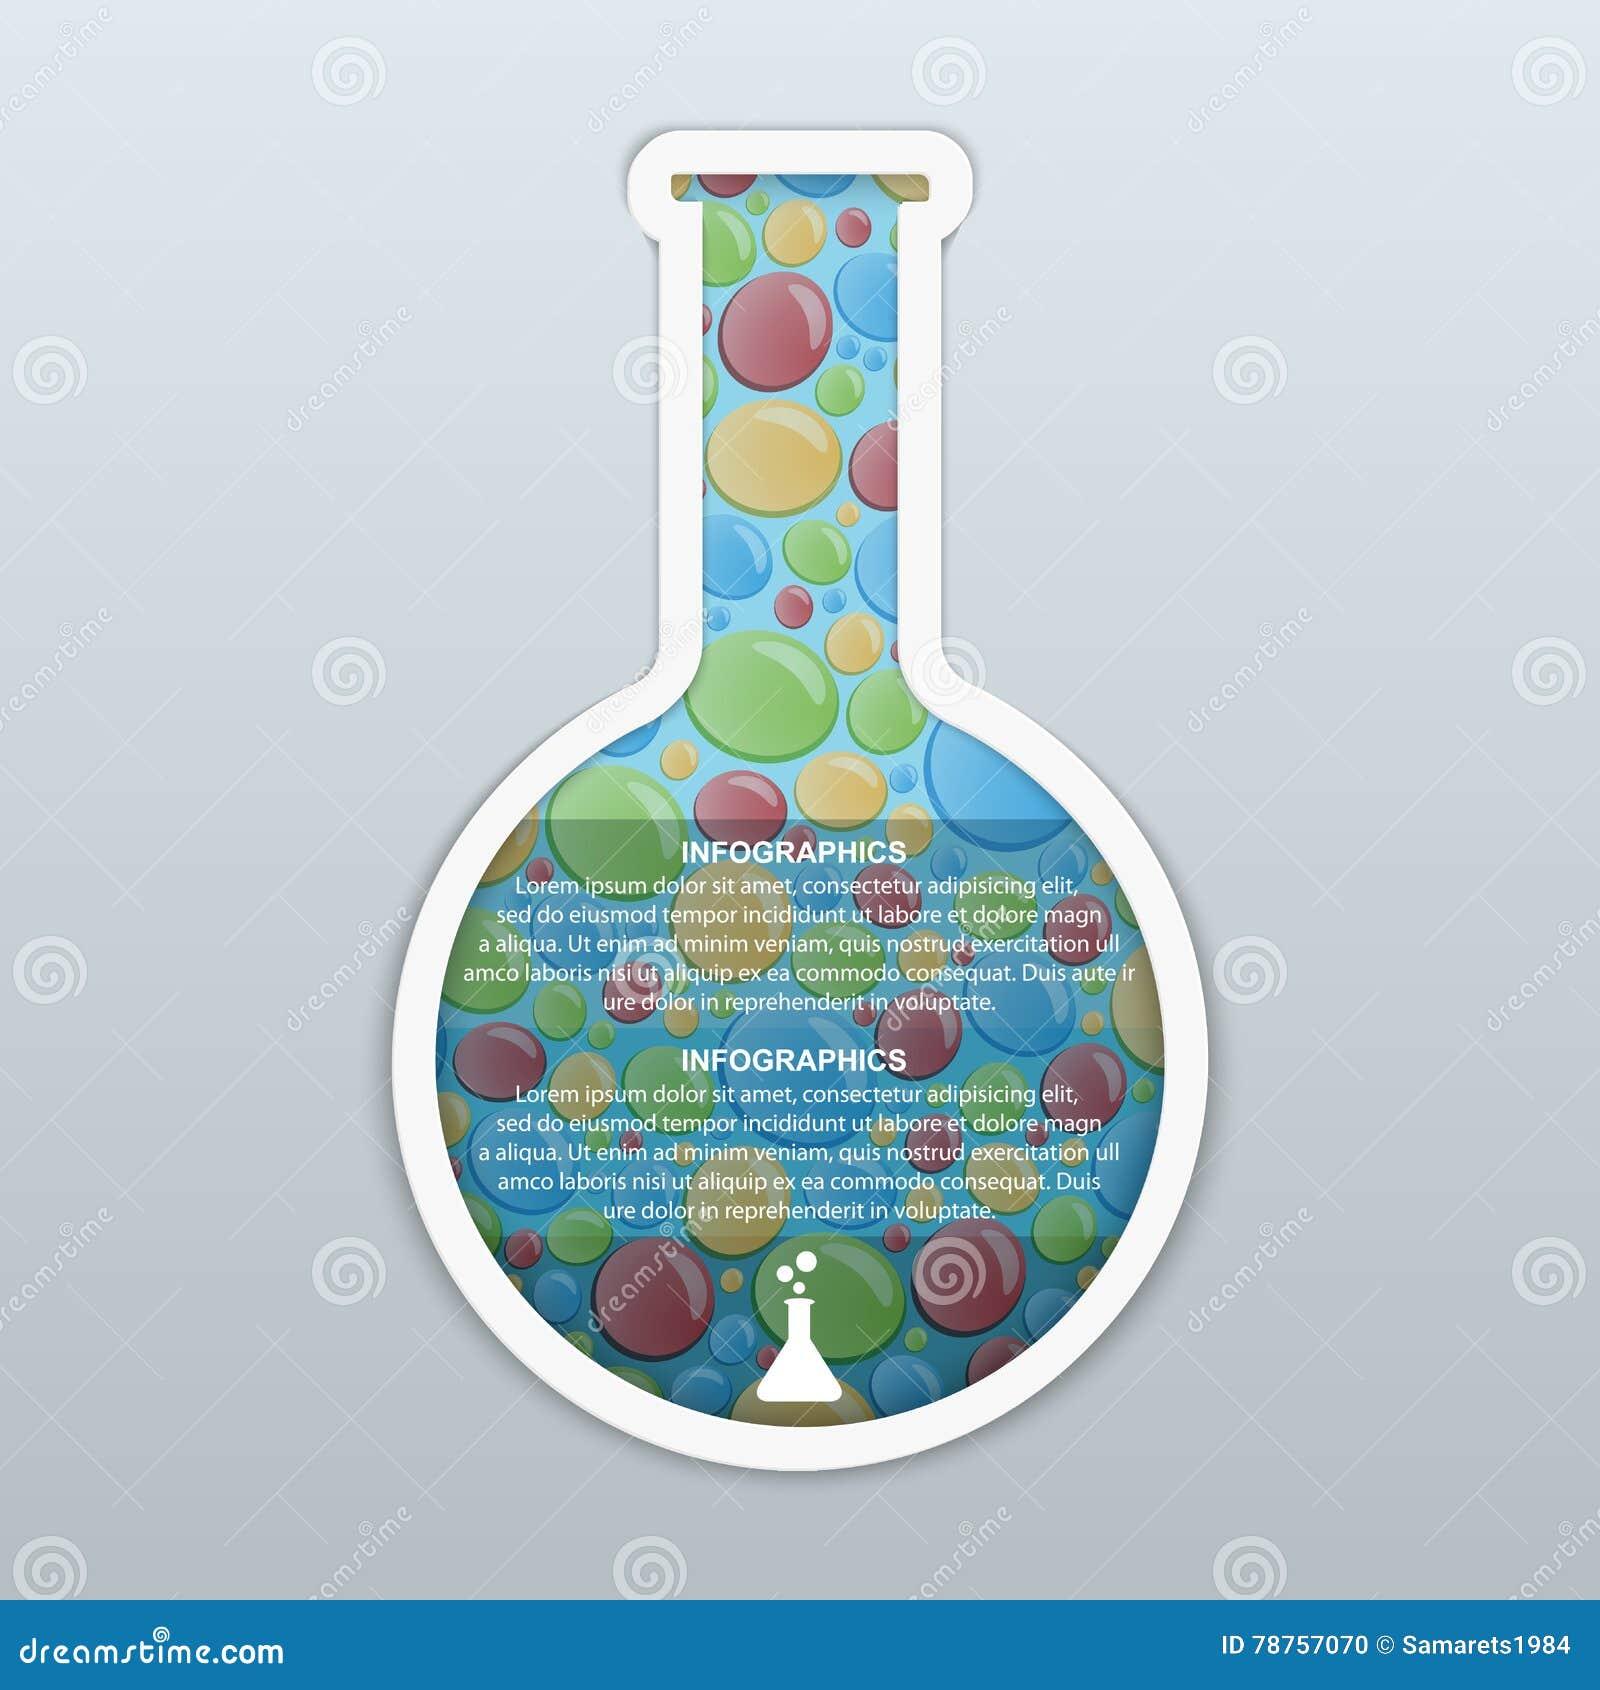 Infographic designbegrepp för kemikalie och för vetenskap